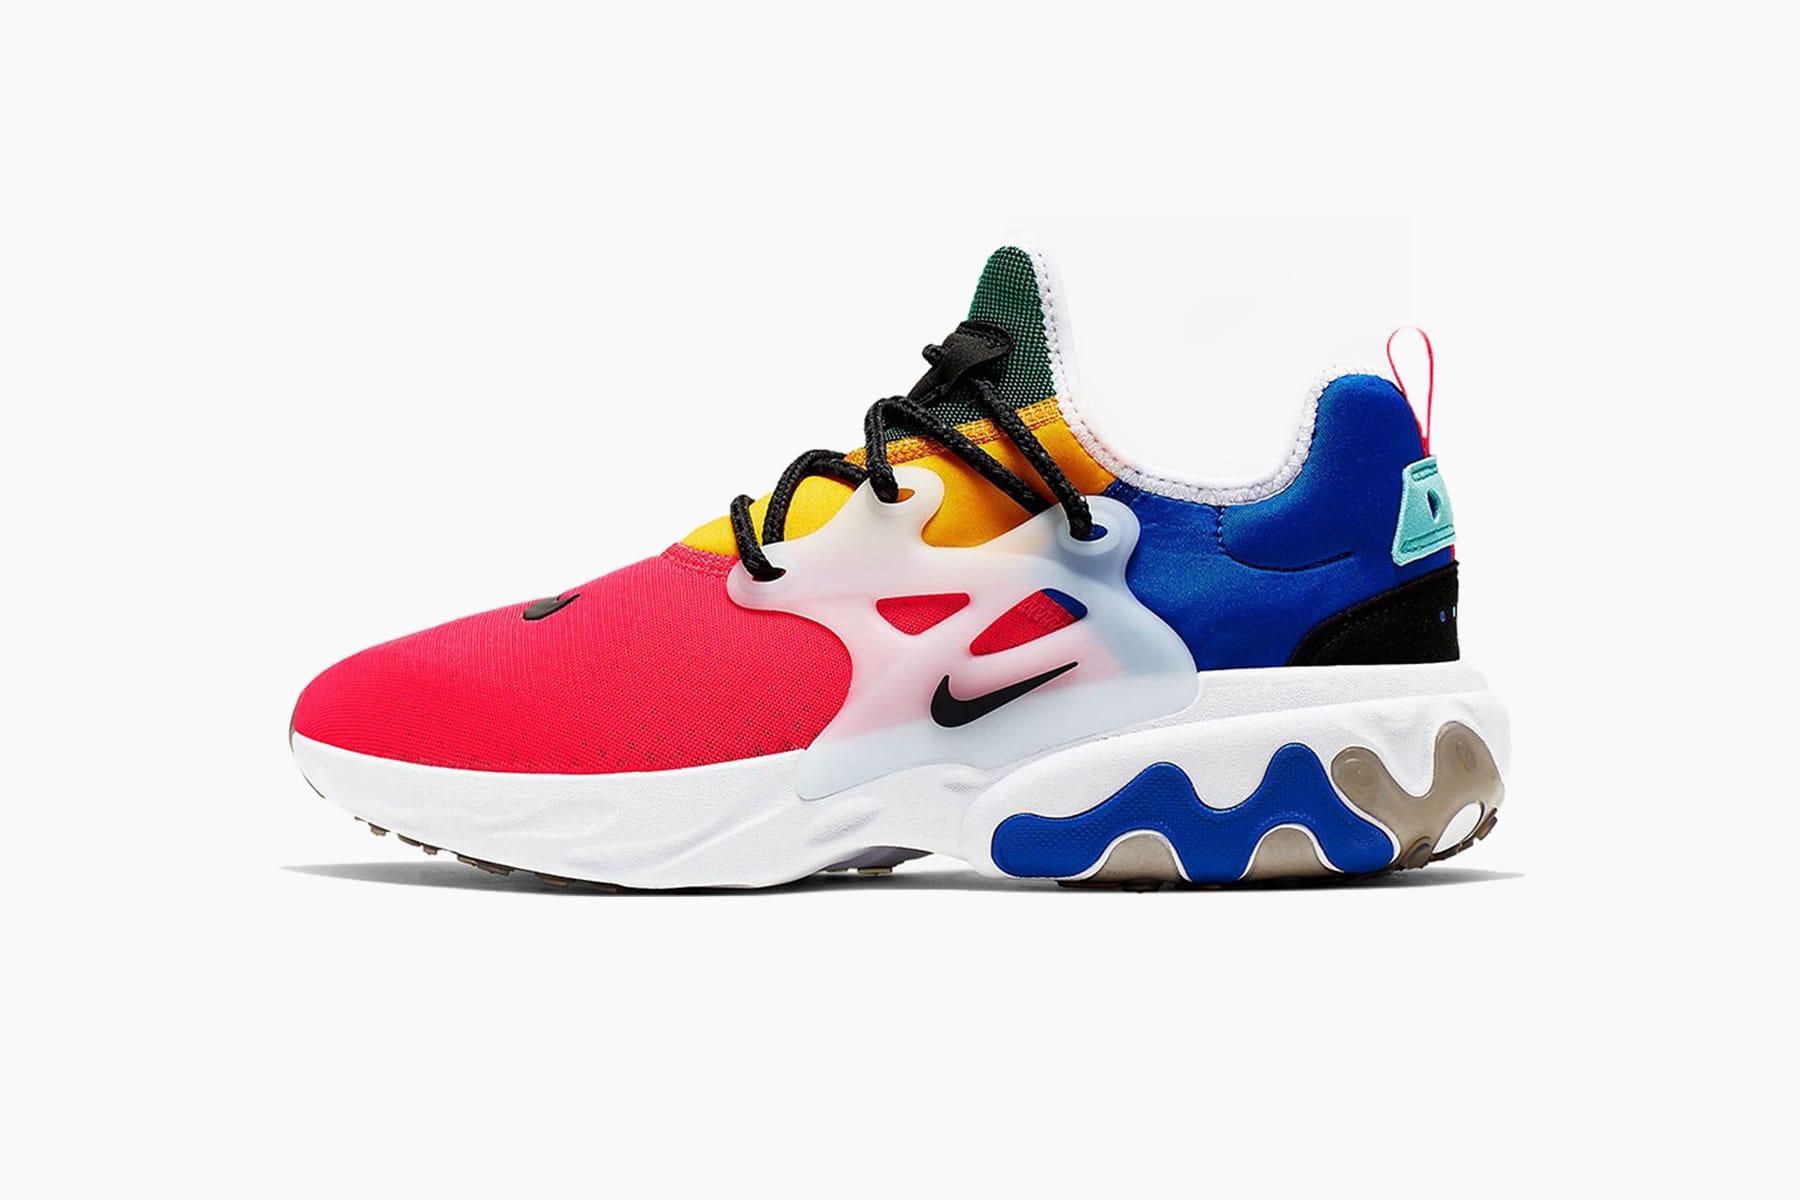 Nike Presto React Multi-Color Release